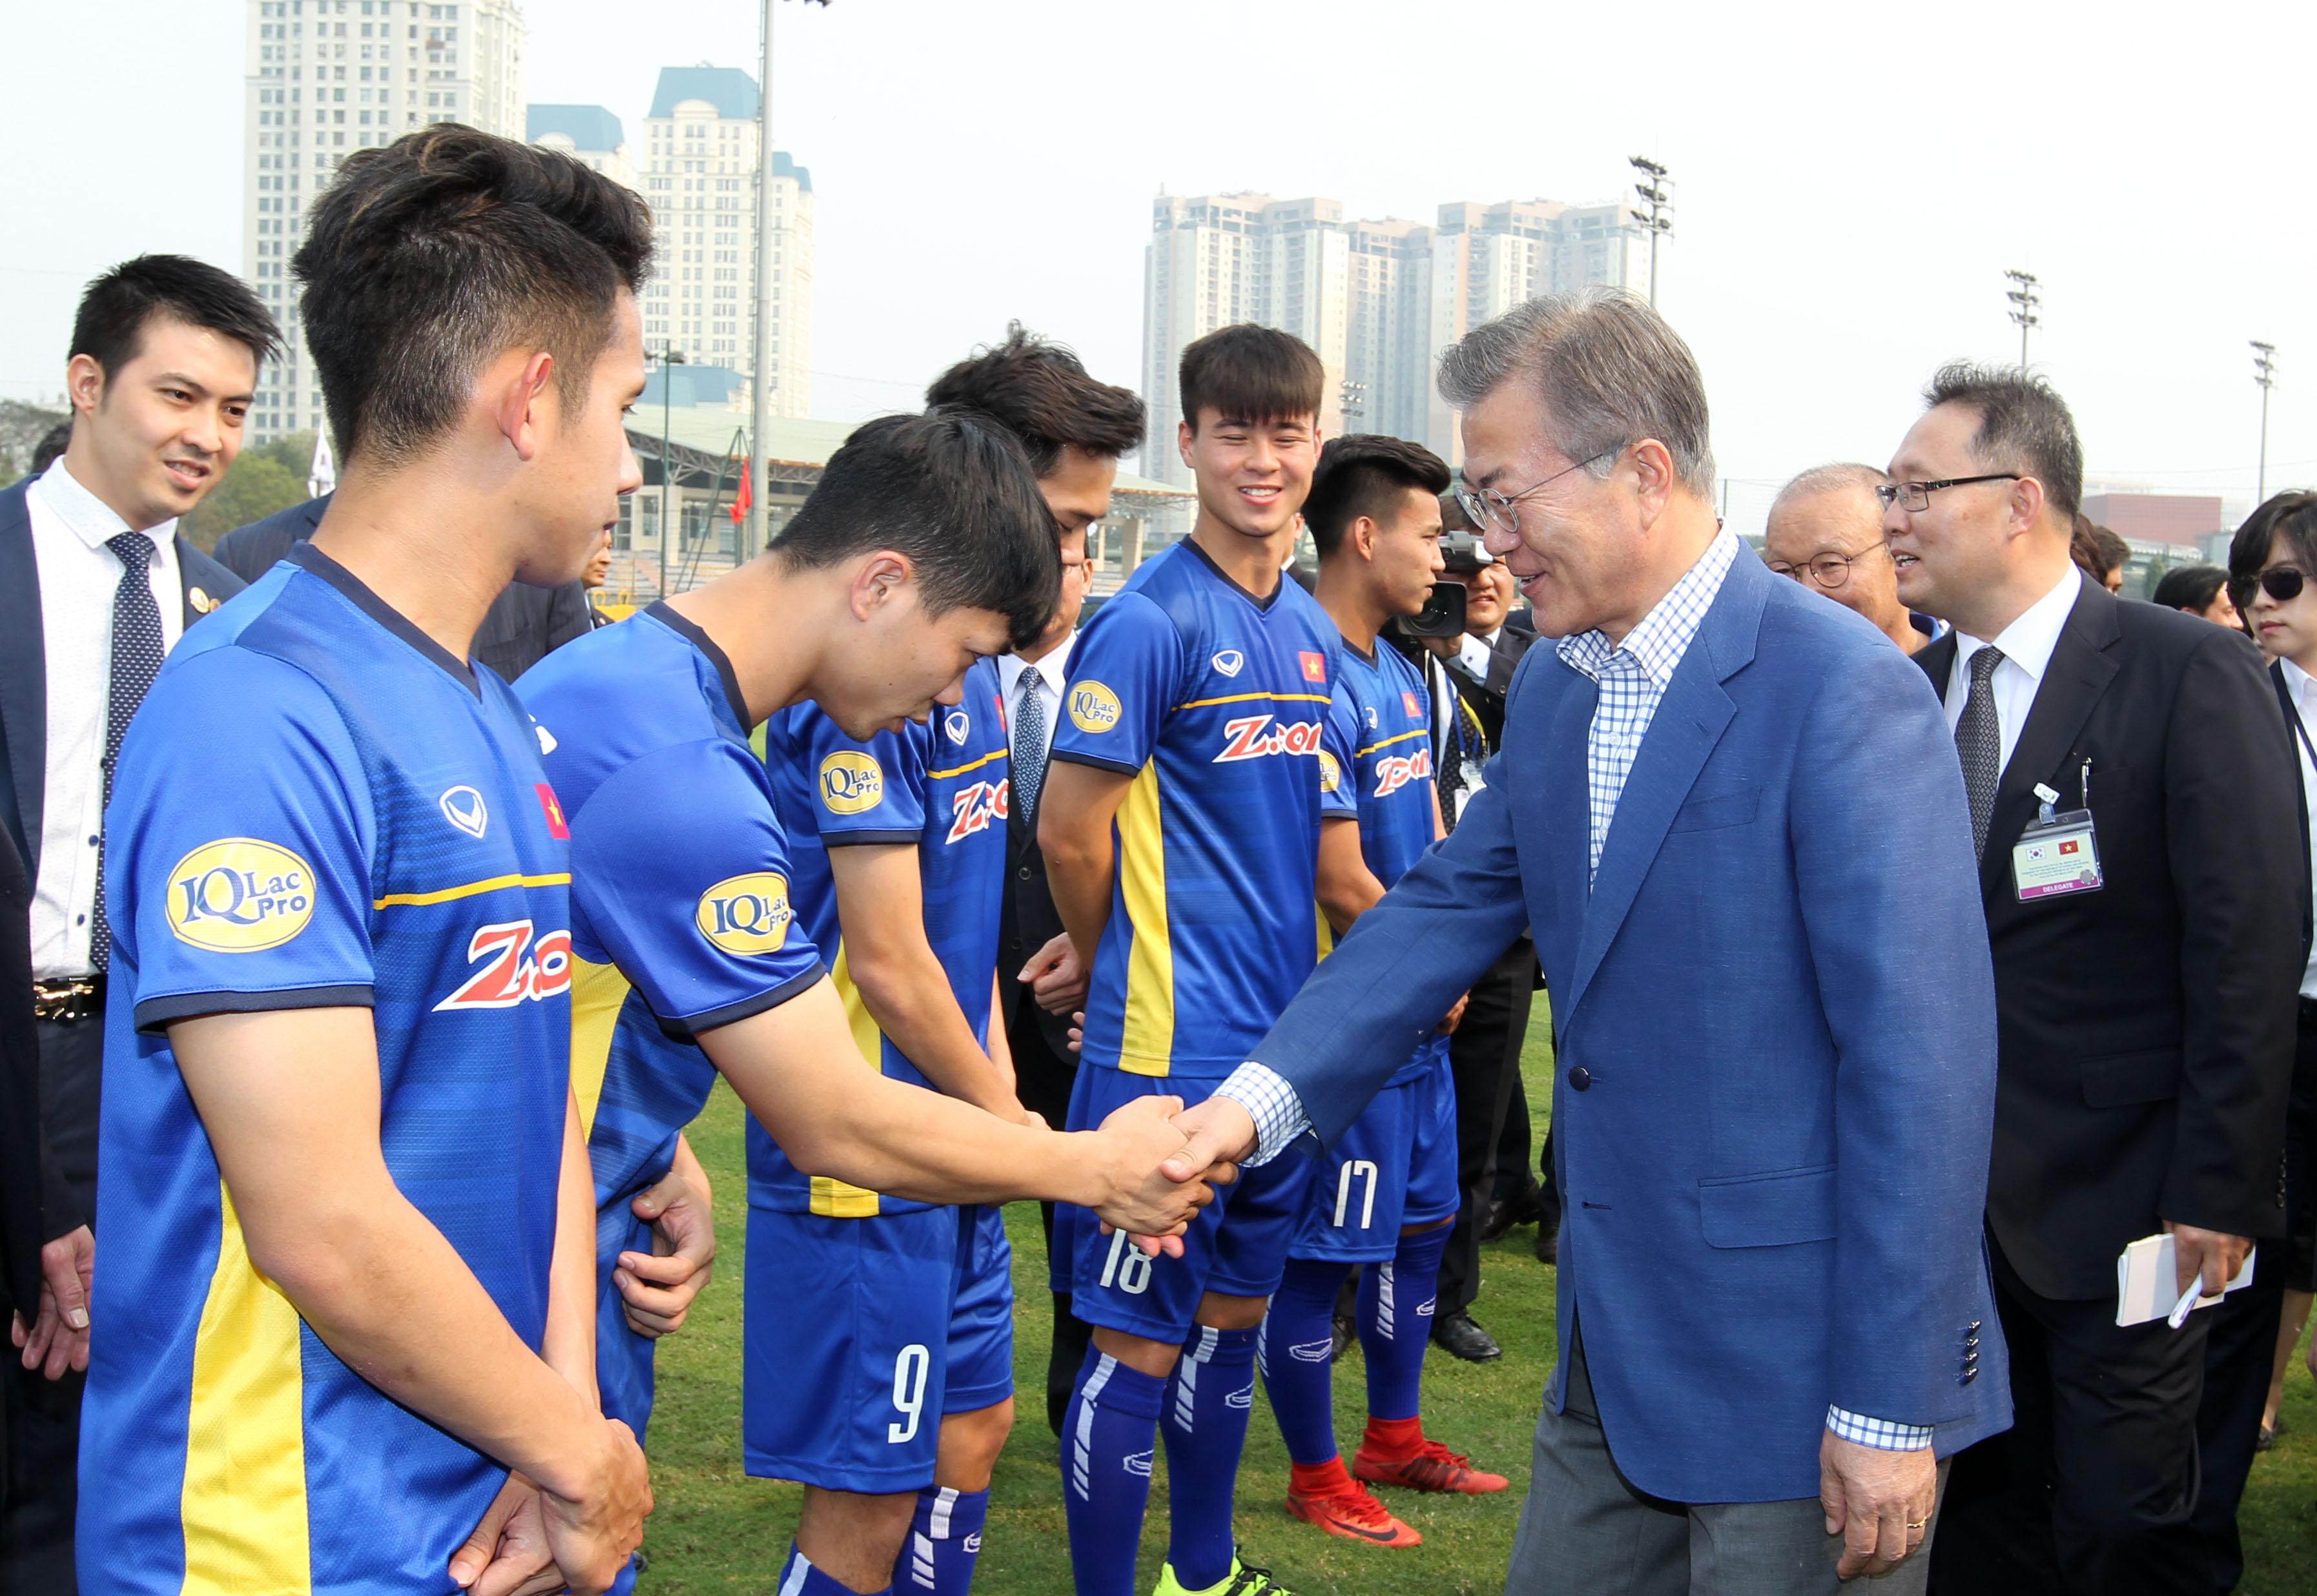 Chùm ảnh Tổng thống Hàn Quốc Moon Jae-in thăm và giao lưu với ĐT U23 QG Việt Nam tại sân cỏ số 3 - Trung tâm đào tạo bóng đá trẻ Việt Nam